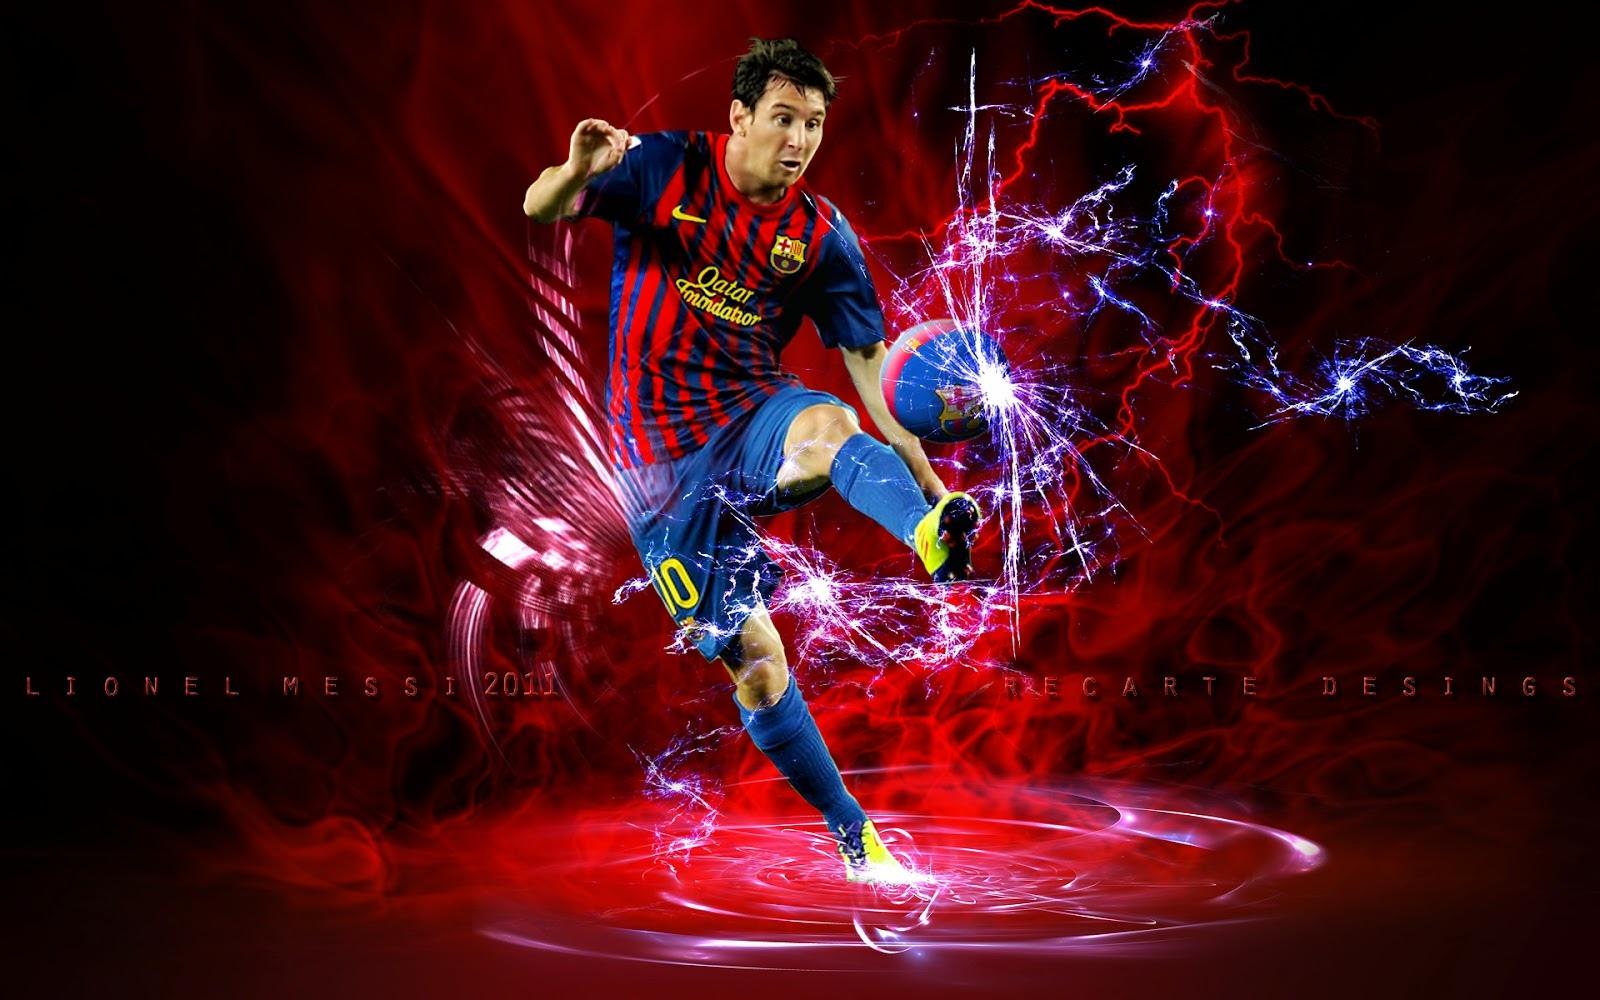 Futbol Club Barcelona >> Fondos de pantalla de Leo Messi, Wallpapers HD de Lionel Messi Gratis